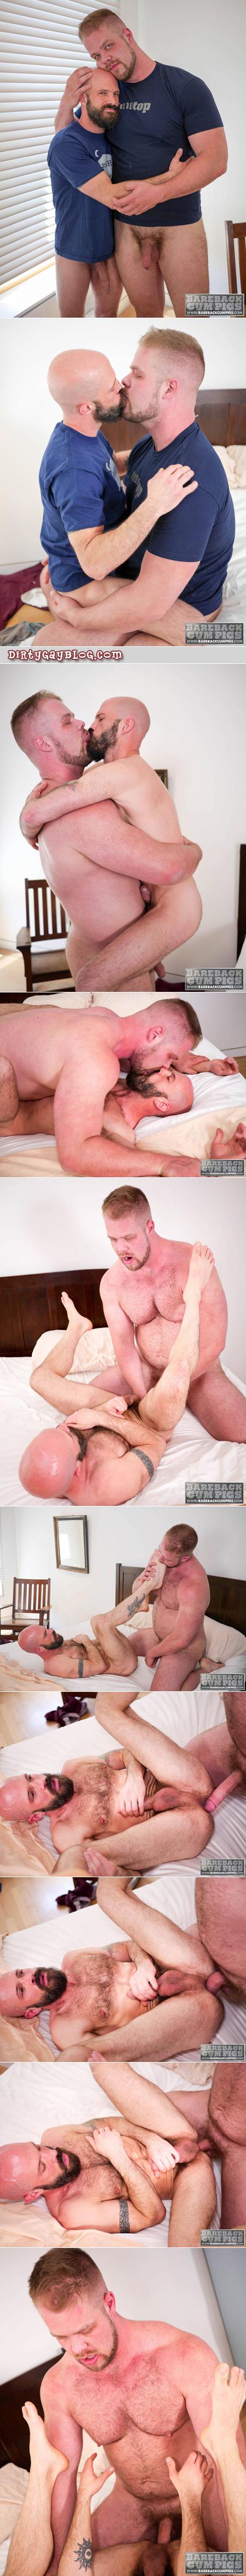 Big bear barebacking a bald, bearded, short, muscular Daddy.